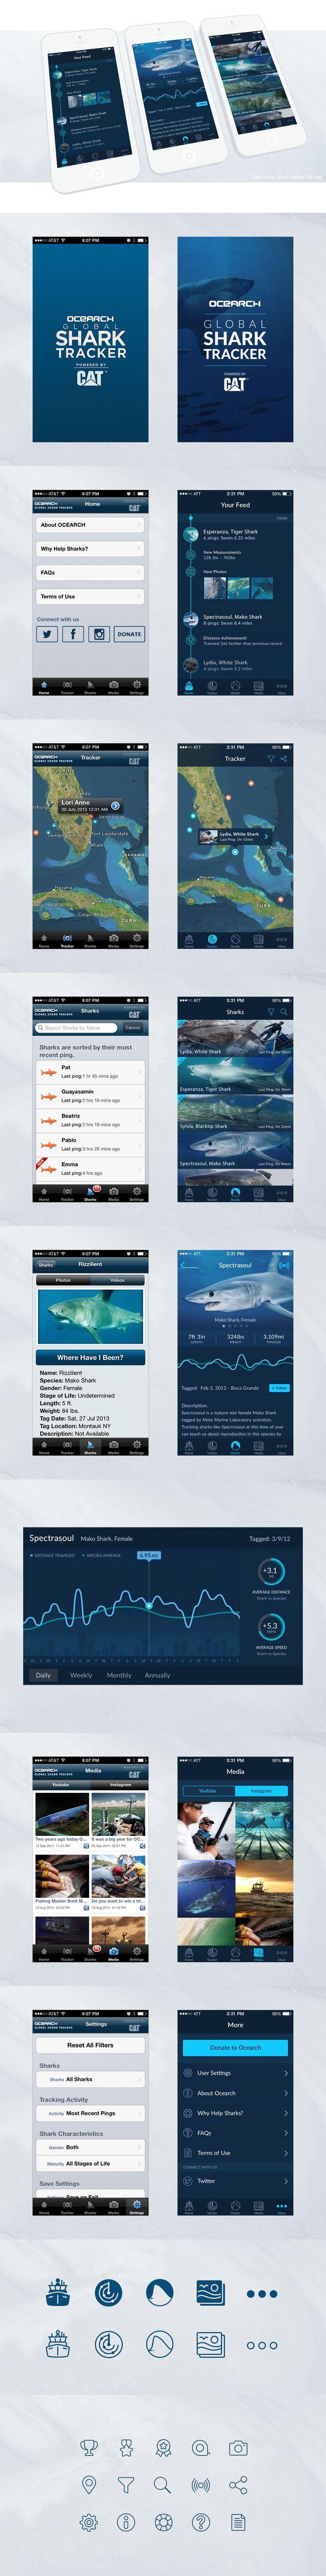 http://alphateck.com/portfolio-item/shark-tracker-app/